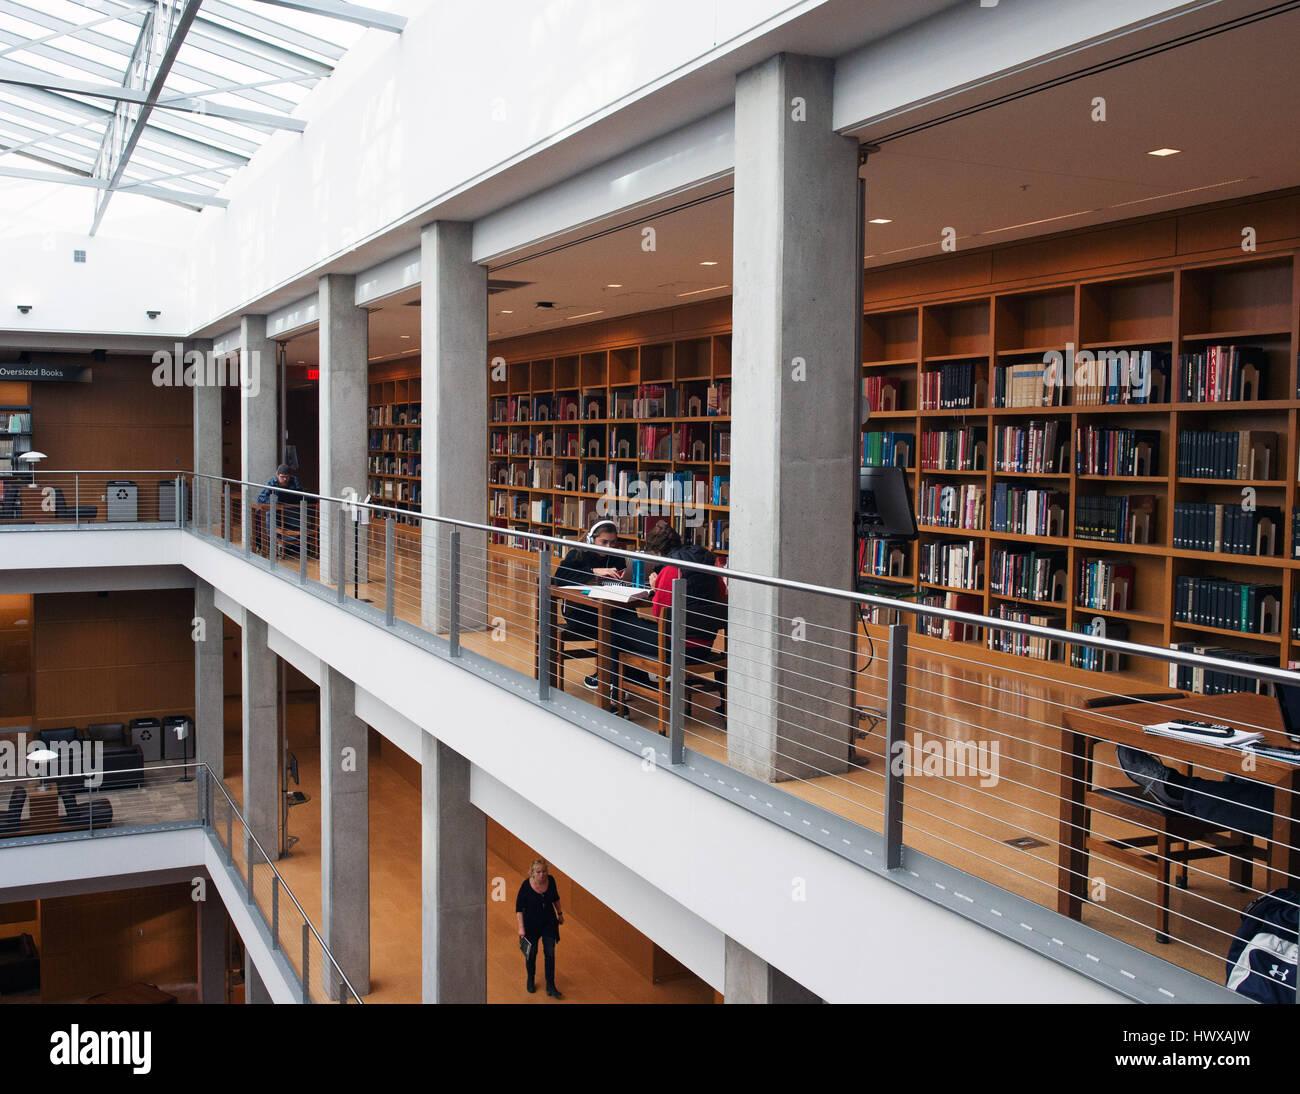 23 marzo 2017: La Ohio State University Library alla Ohio State University. Columbus, Ohio. Brent Clark/Alamy Live Immagini Stock